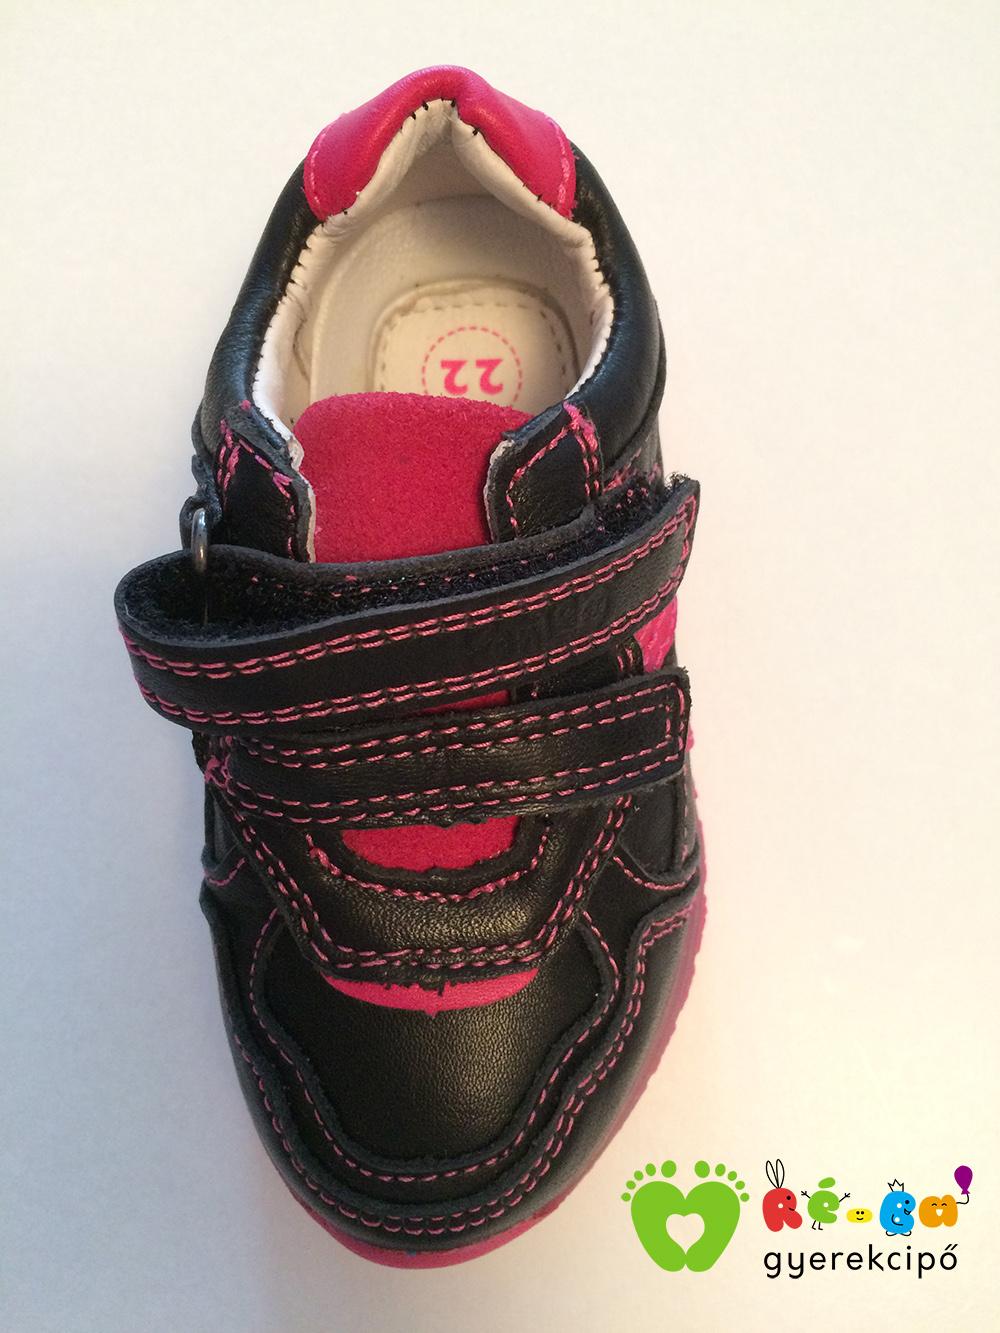 Ponte20 szupinált kislány zárt cipő (fekete) - Ré-Ba Gyerekcipő ... 98557d111c